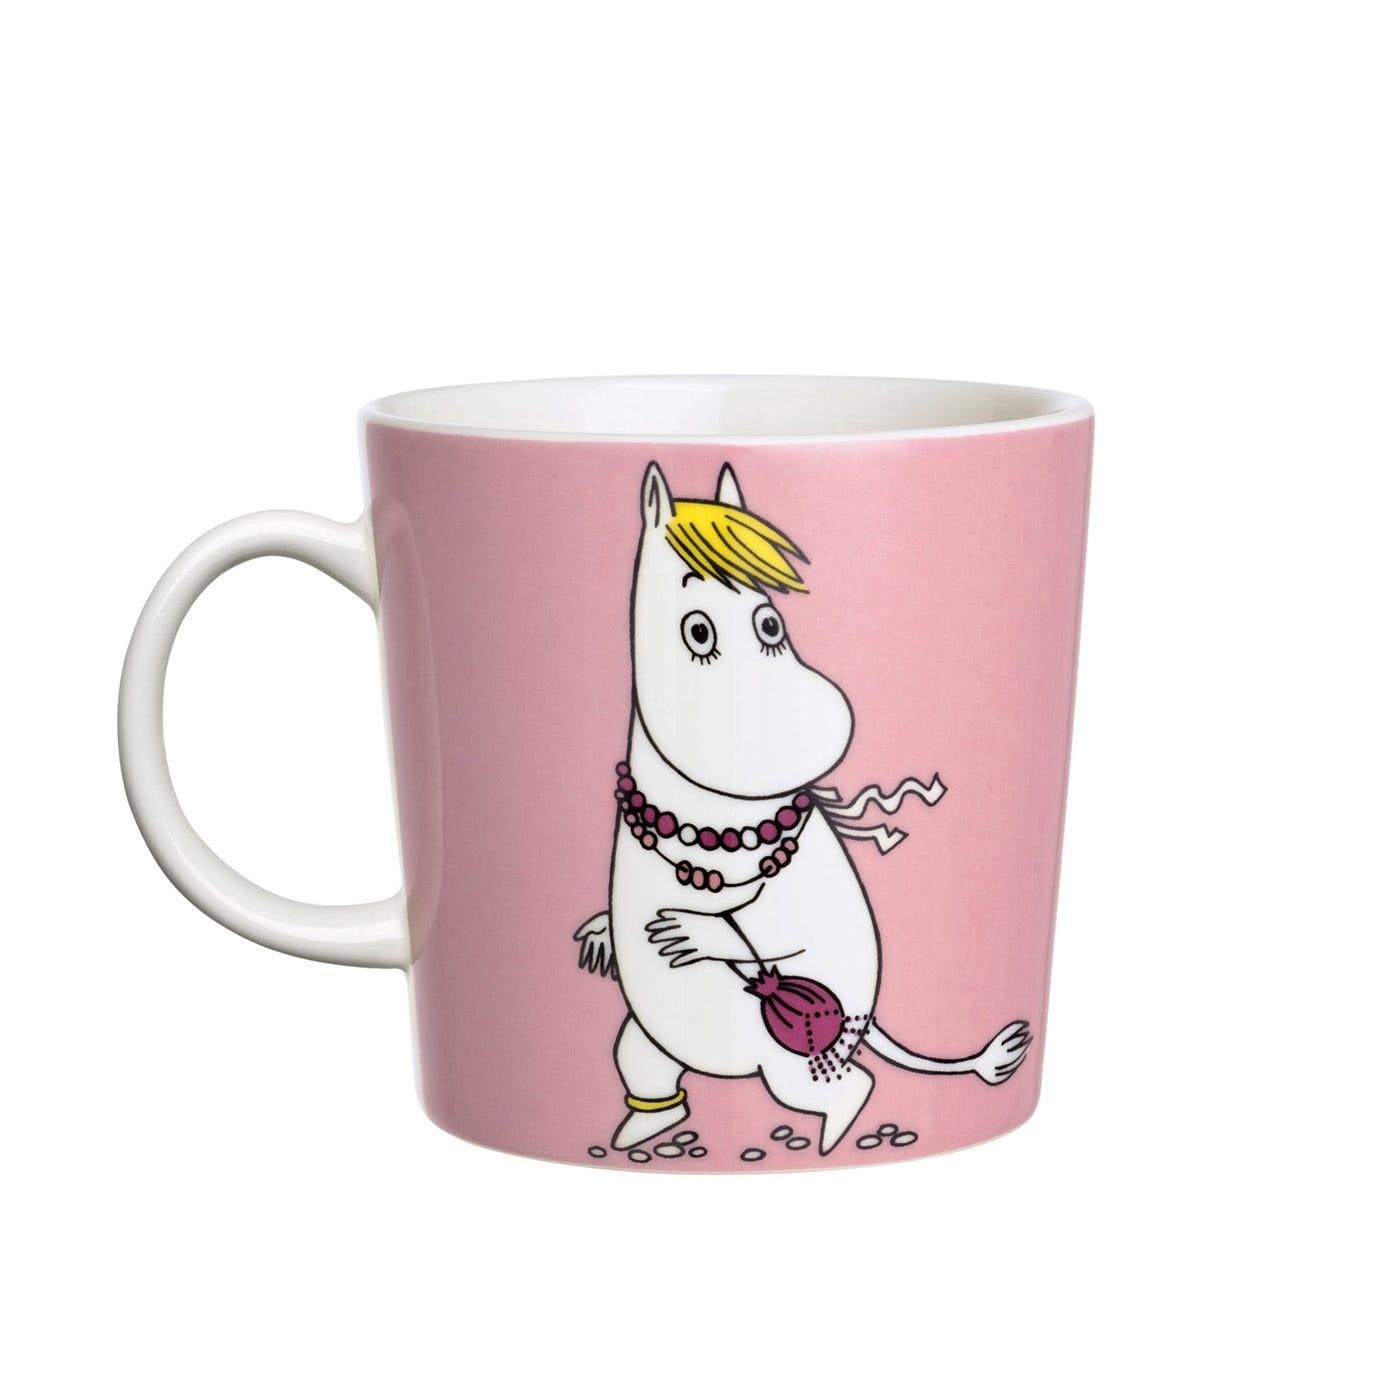 Moomins Snorkmaiden Pink Mug - Discontinued